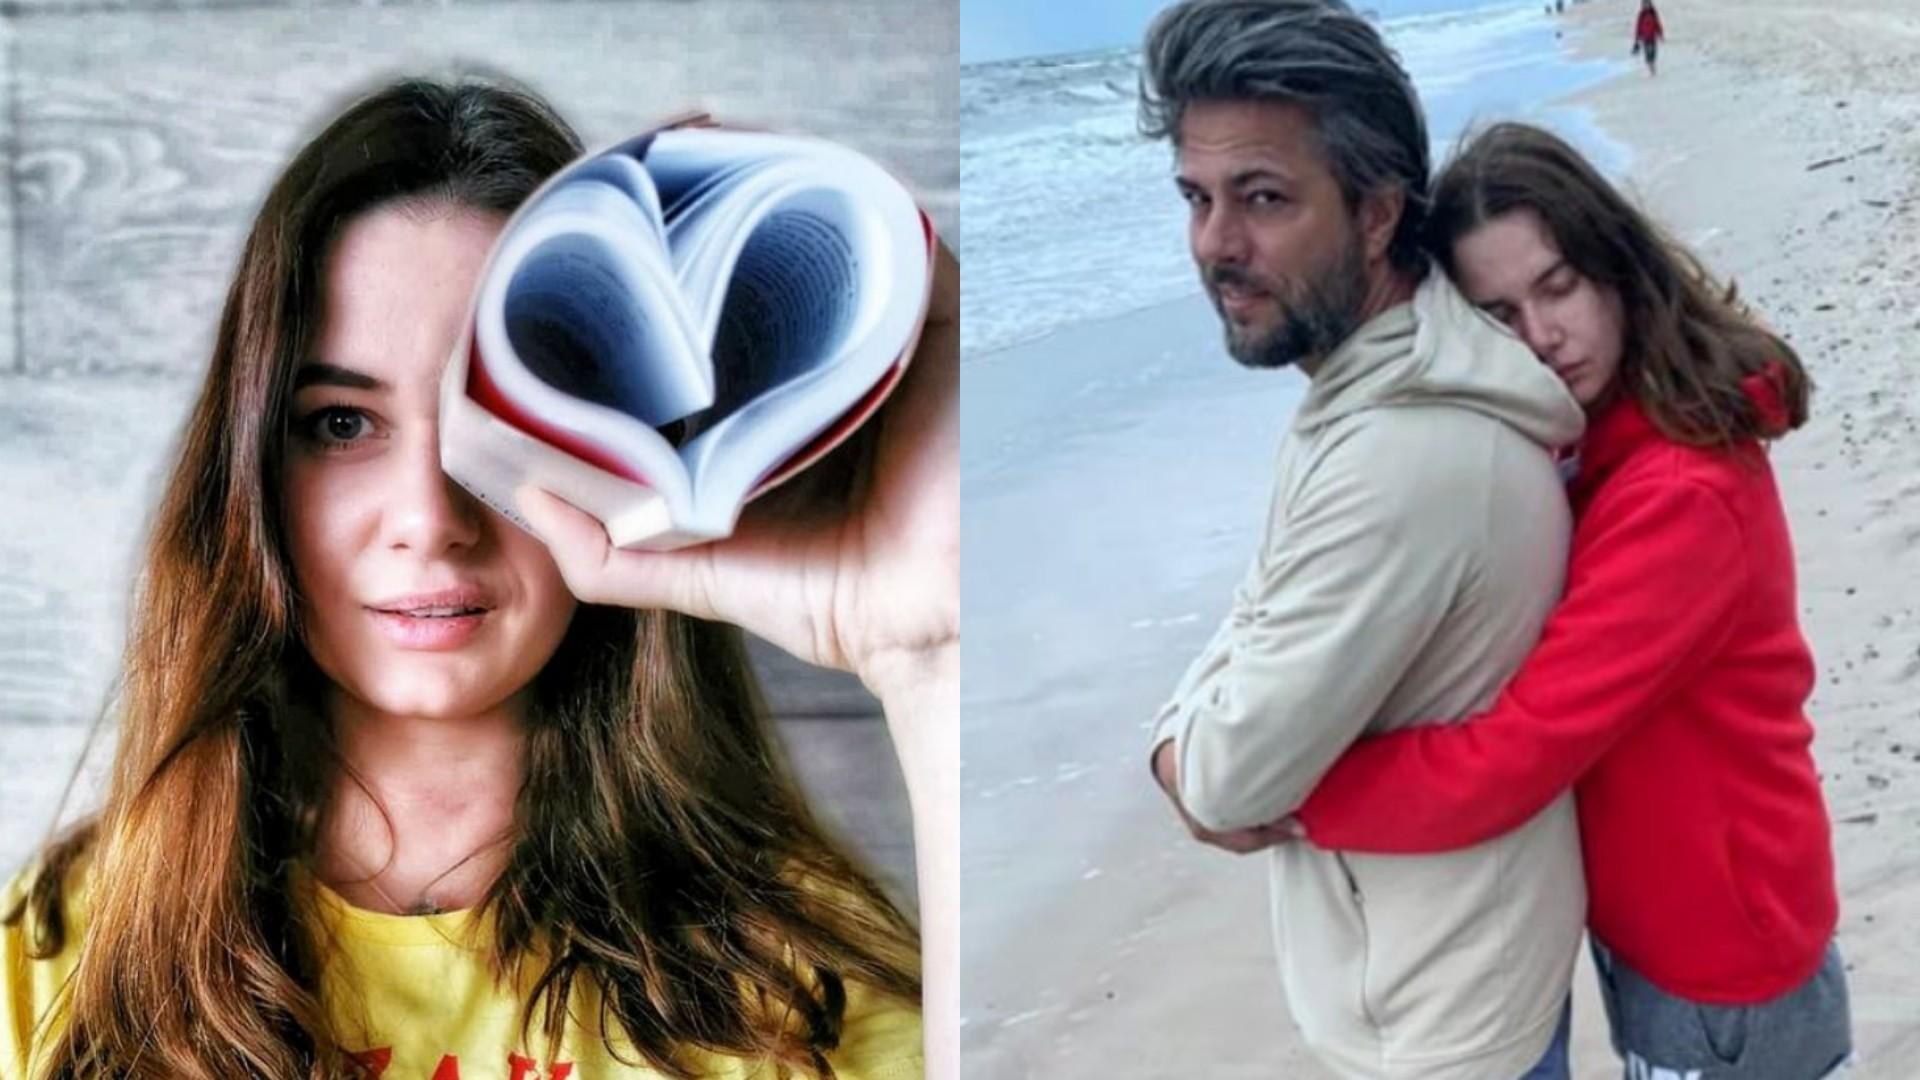 Karolina Malinowska i Olivier Janiak obchodzą 18. rocznicę ślubu. Modelka pokazała zdjęcie sprzed ołtarza!